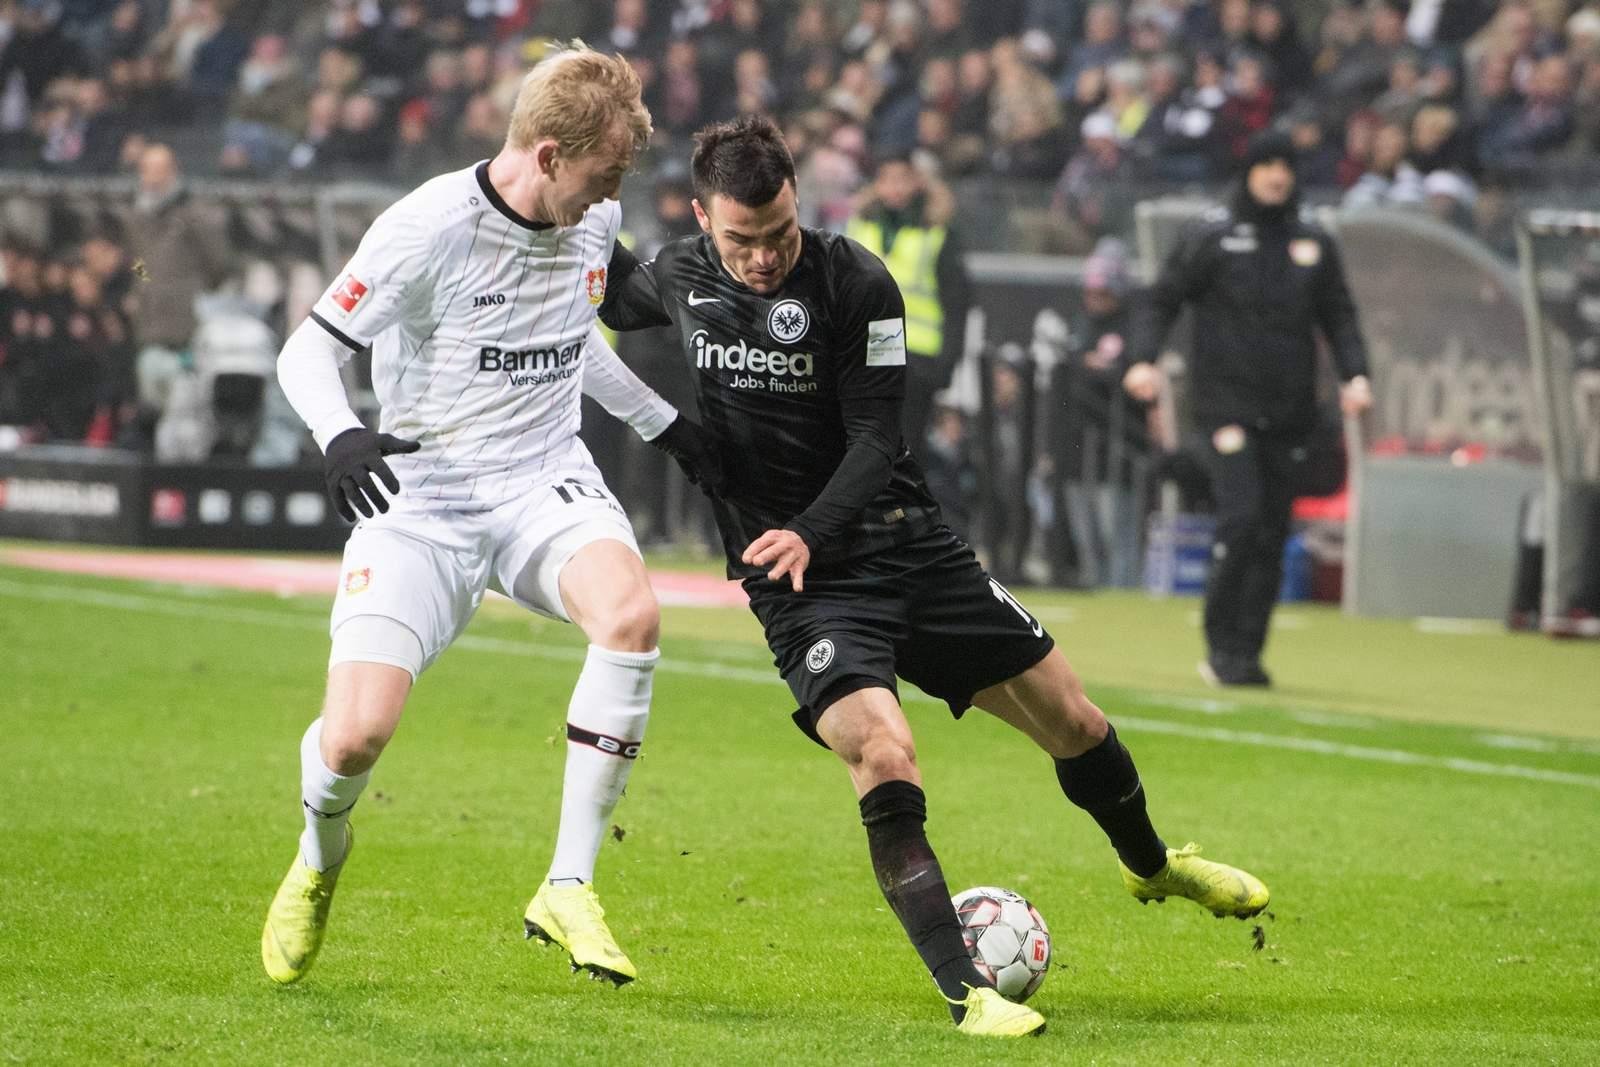 Kann Julian Brandt mit Leverkusen gegen Frankfurt die Chance auf die Königsklasse wahren? Jetzt auf Leverkusen gegen Frankfurt wetten!